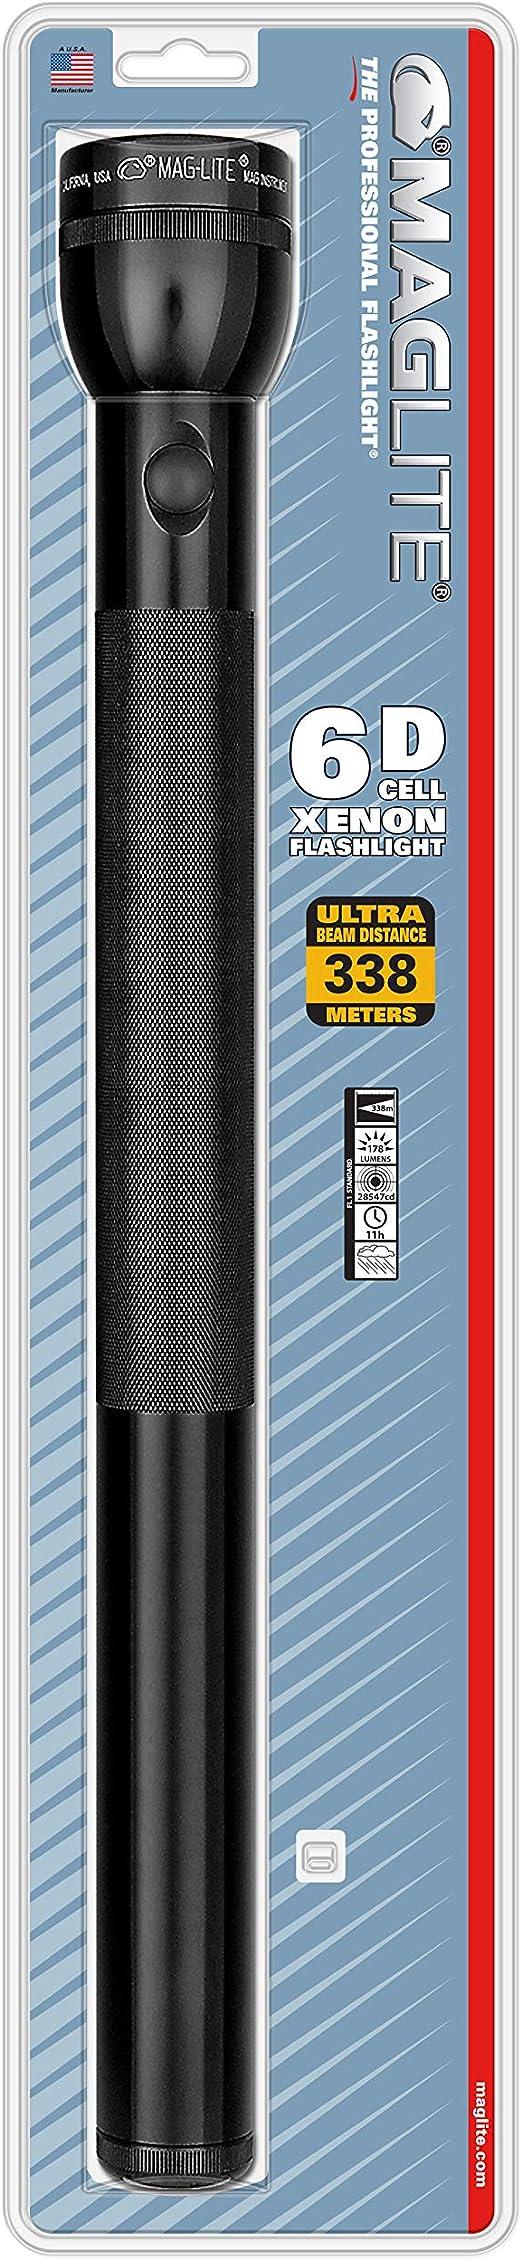 FORUM - Linterna 6D-Cell 49,5Cm Schw. Maglite